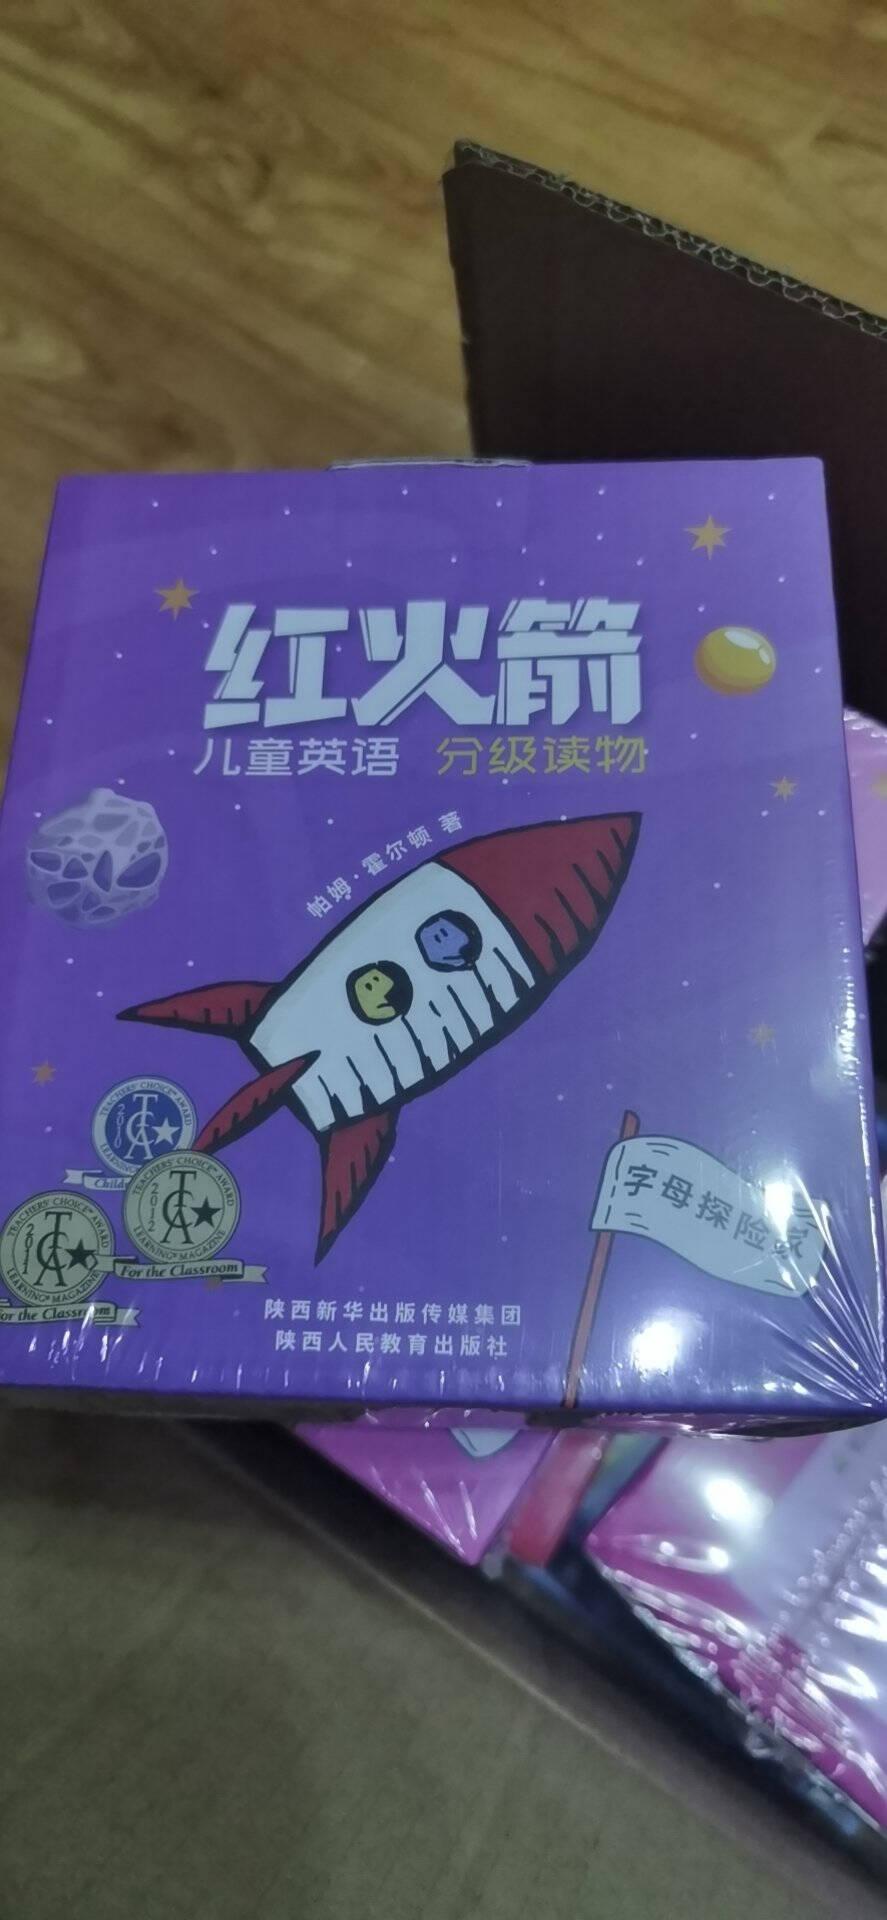 红火箭儿童英语分级阅读小达人点读笔套装(初阶全辑共174册附中文指导手册)